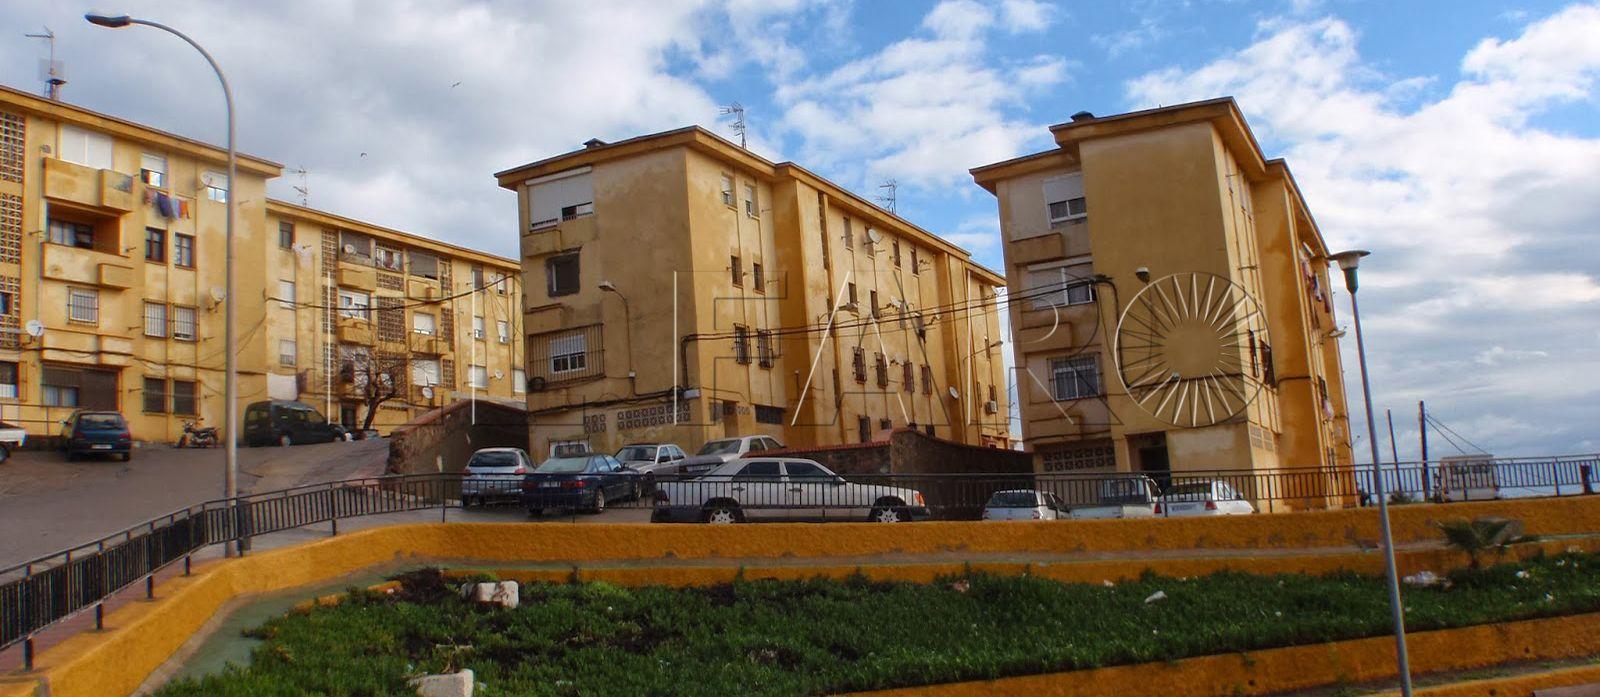 La Ciudad podría vender gran parte de su patrimonio inmobiliario